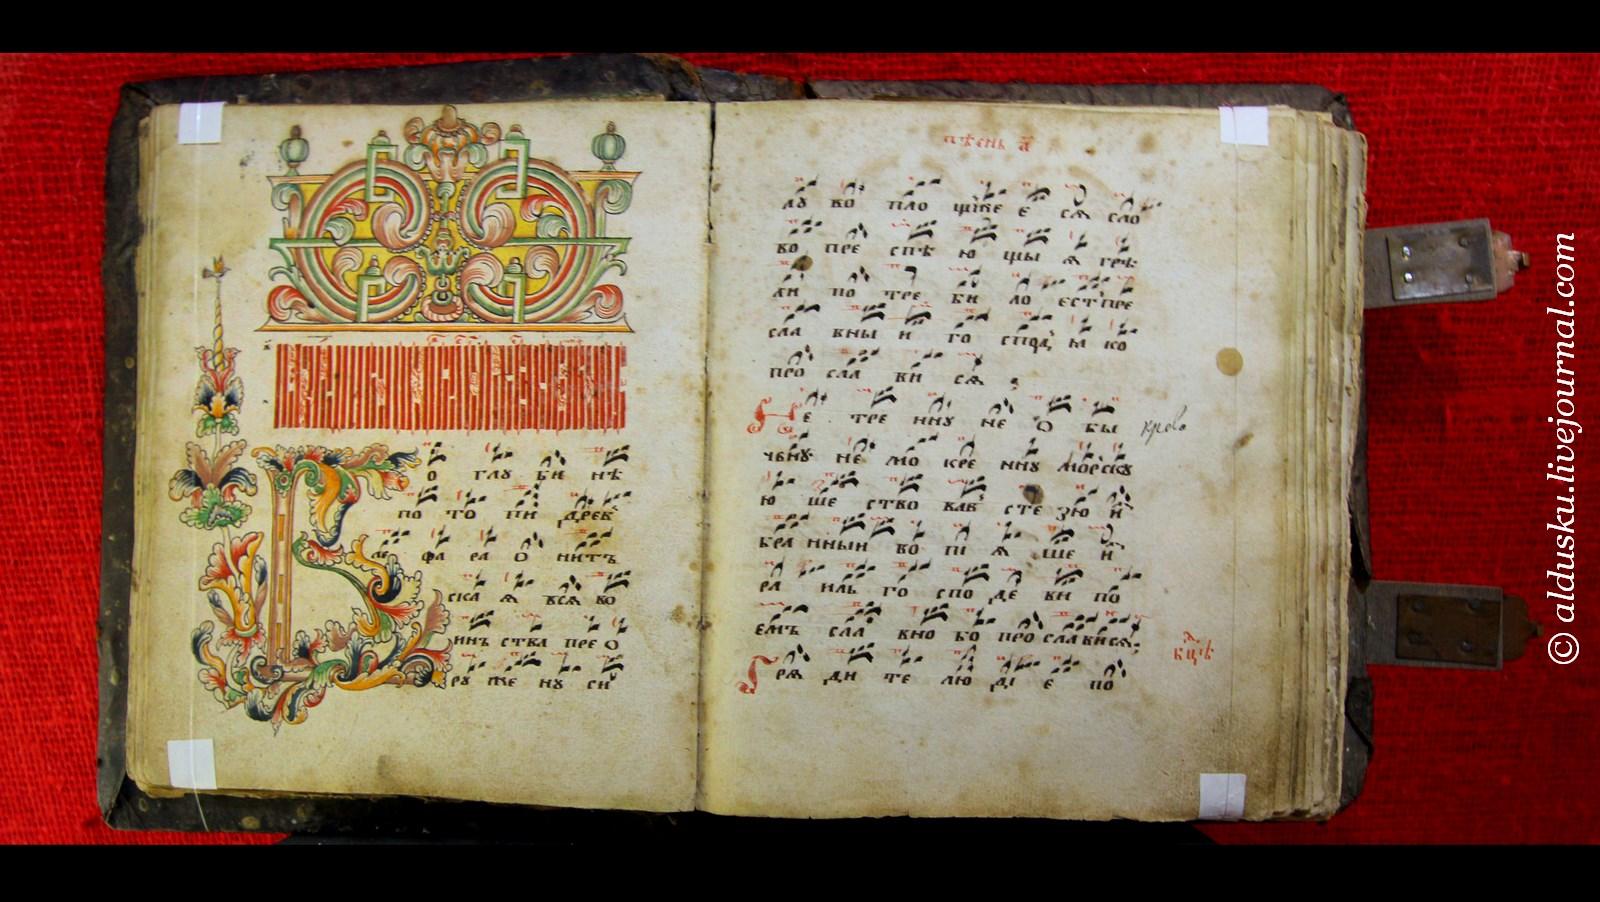 Ирмос. Рукопись. 1777 г. Происходит из д. Косицкая